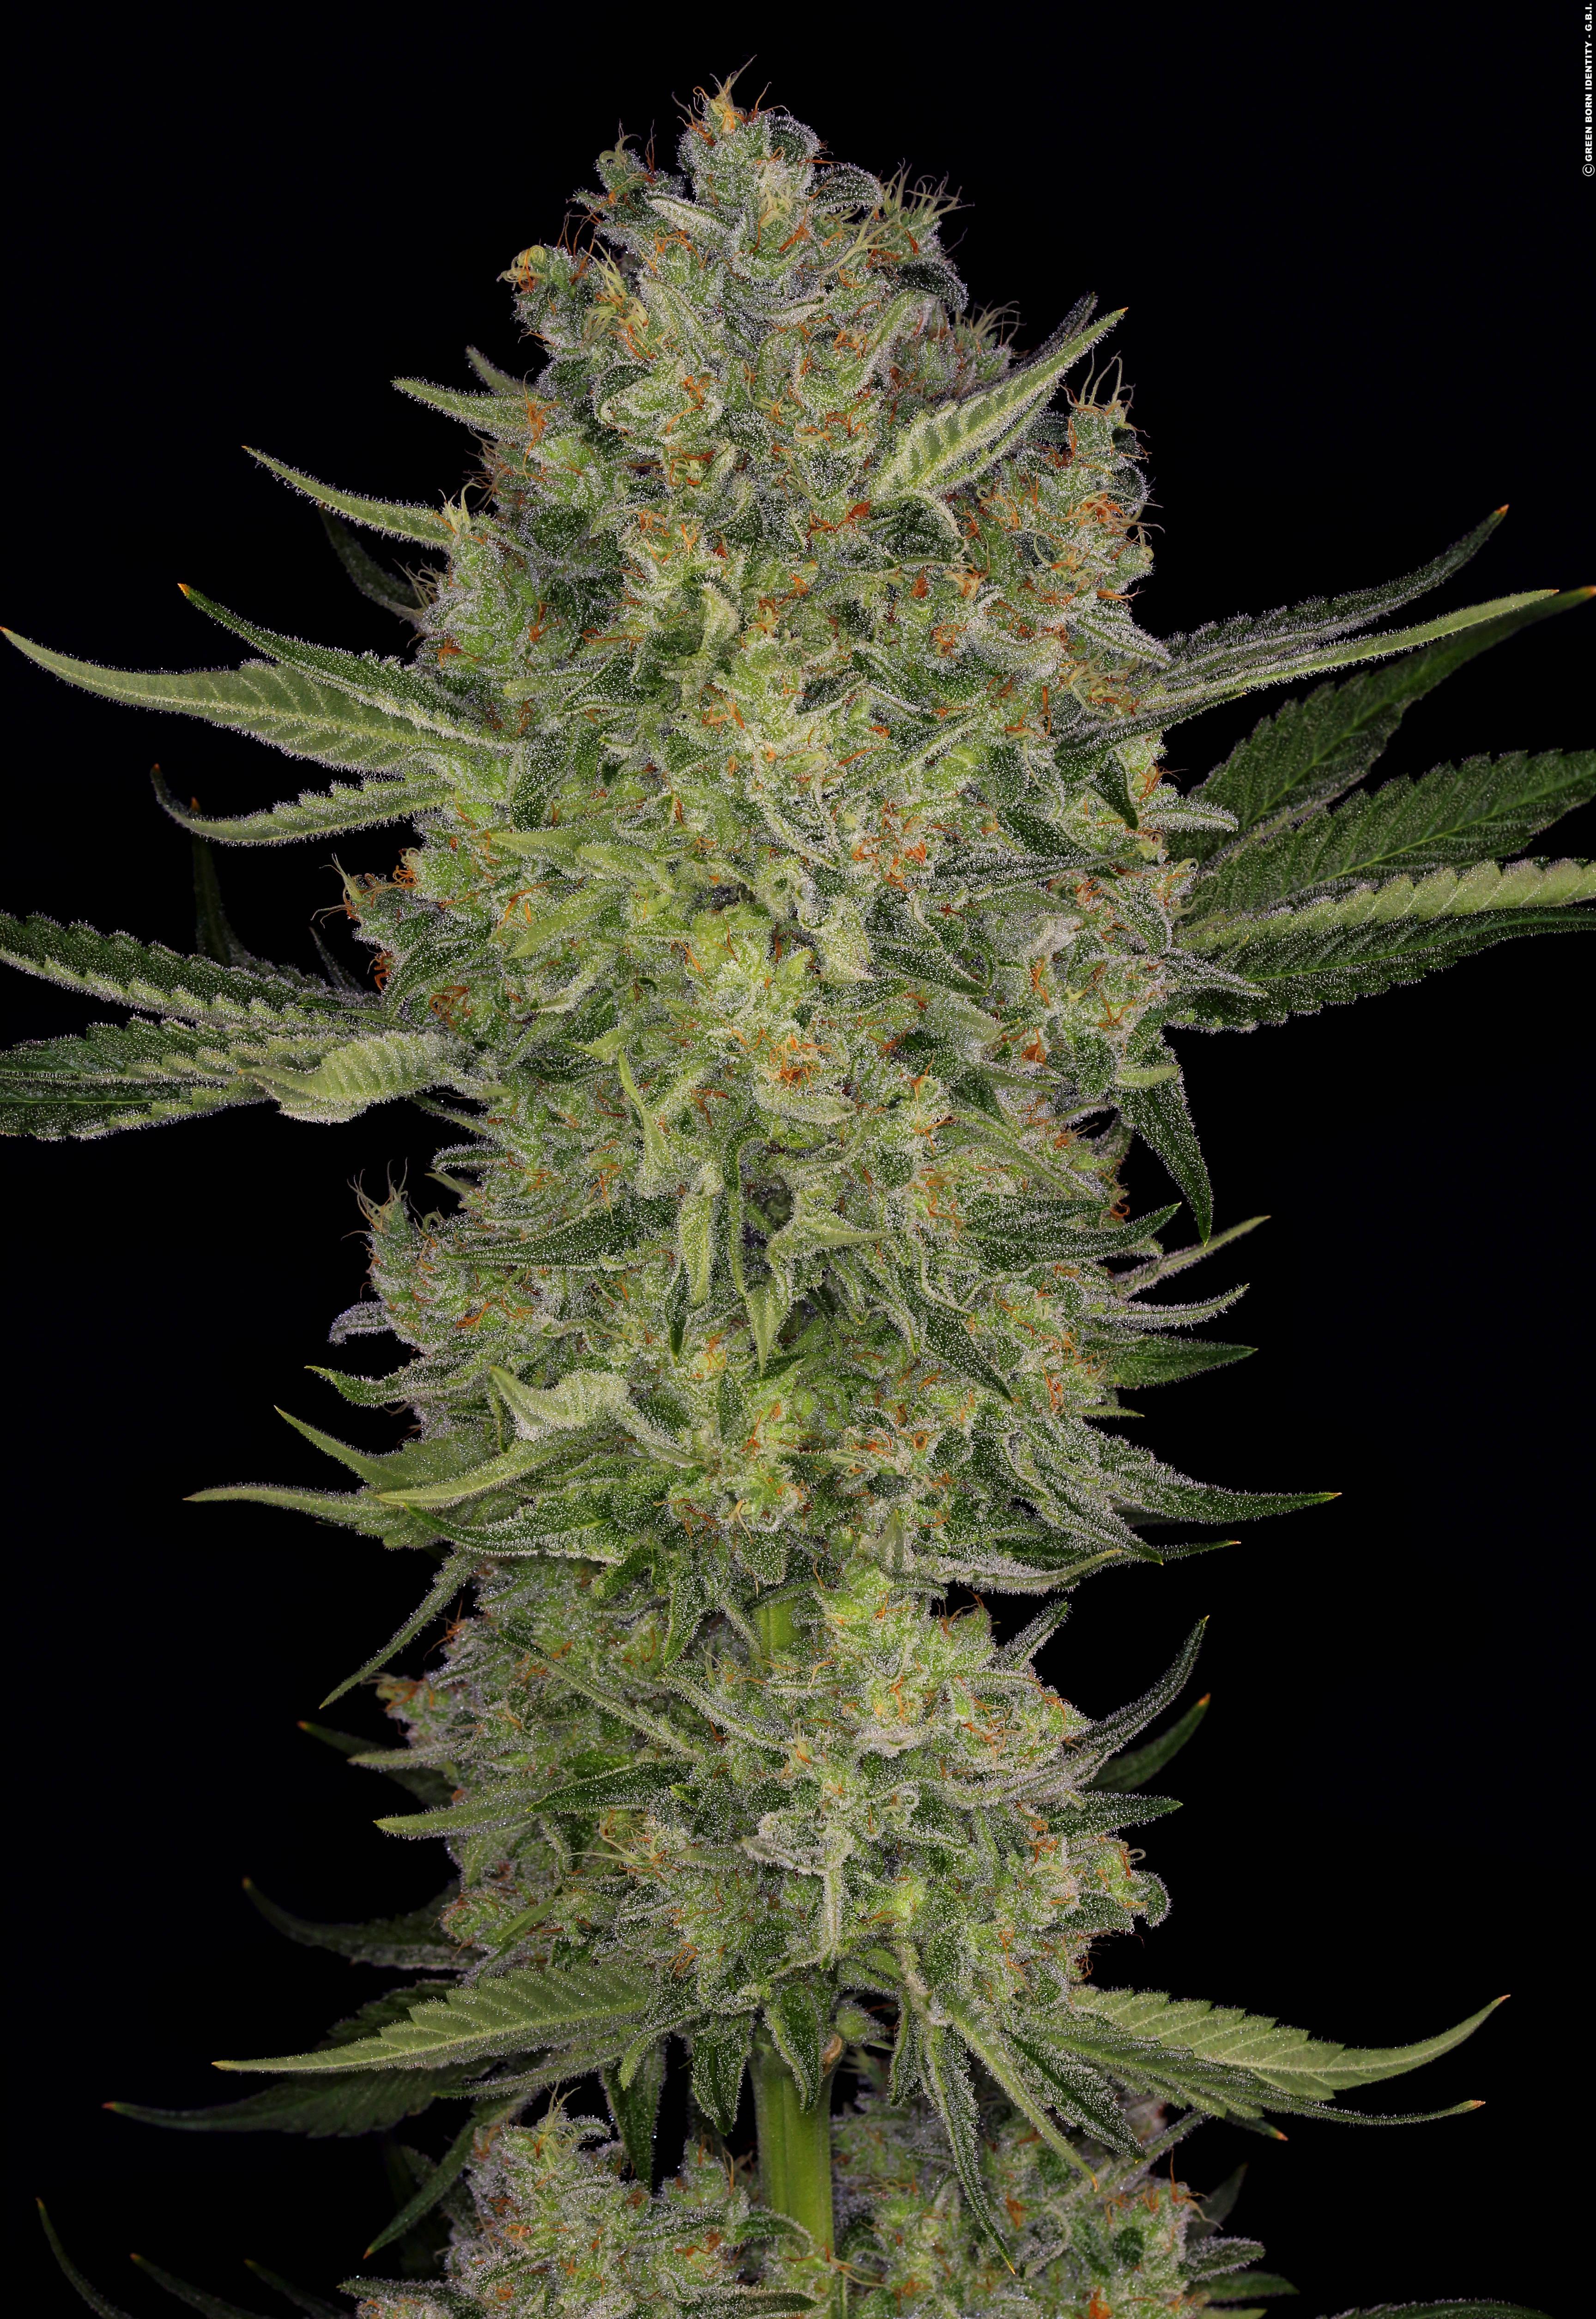 Конопли высокорослые семена фото большие кусты марихуаны